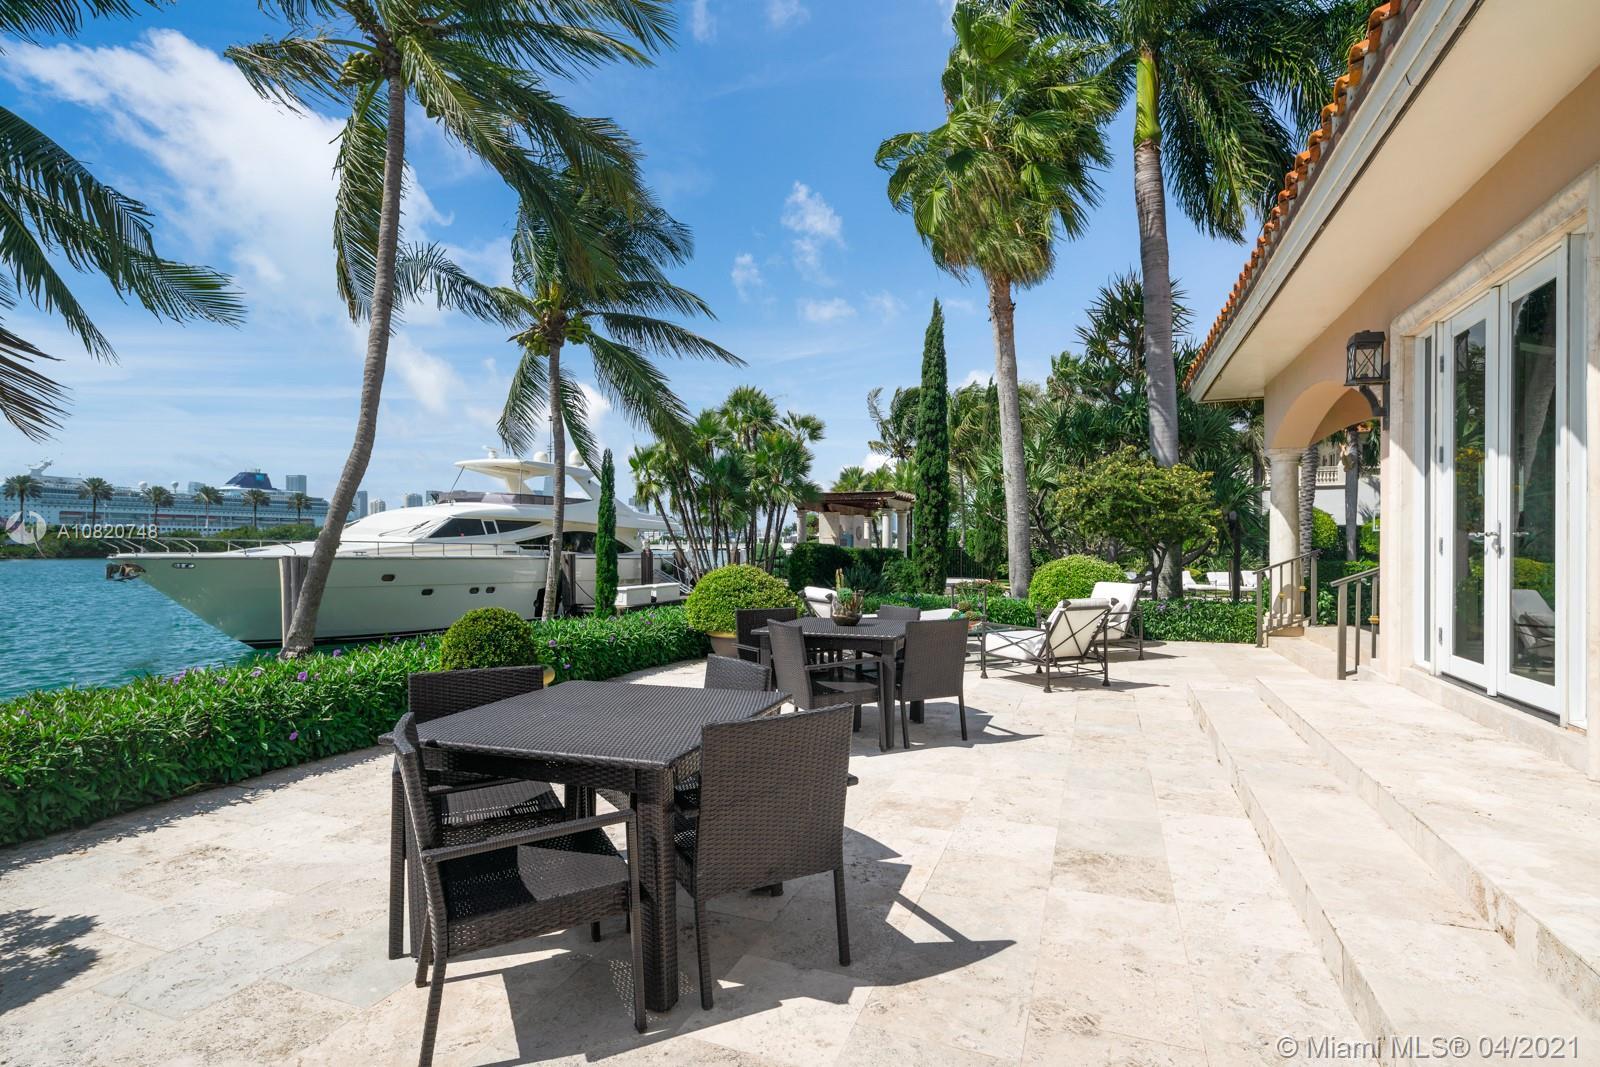 94 Palm ave- miami-beach-fl-33139-a10820748-Pic01